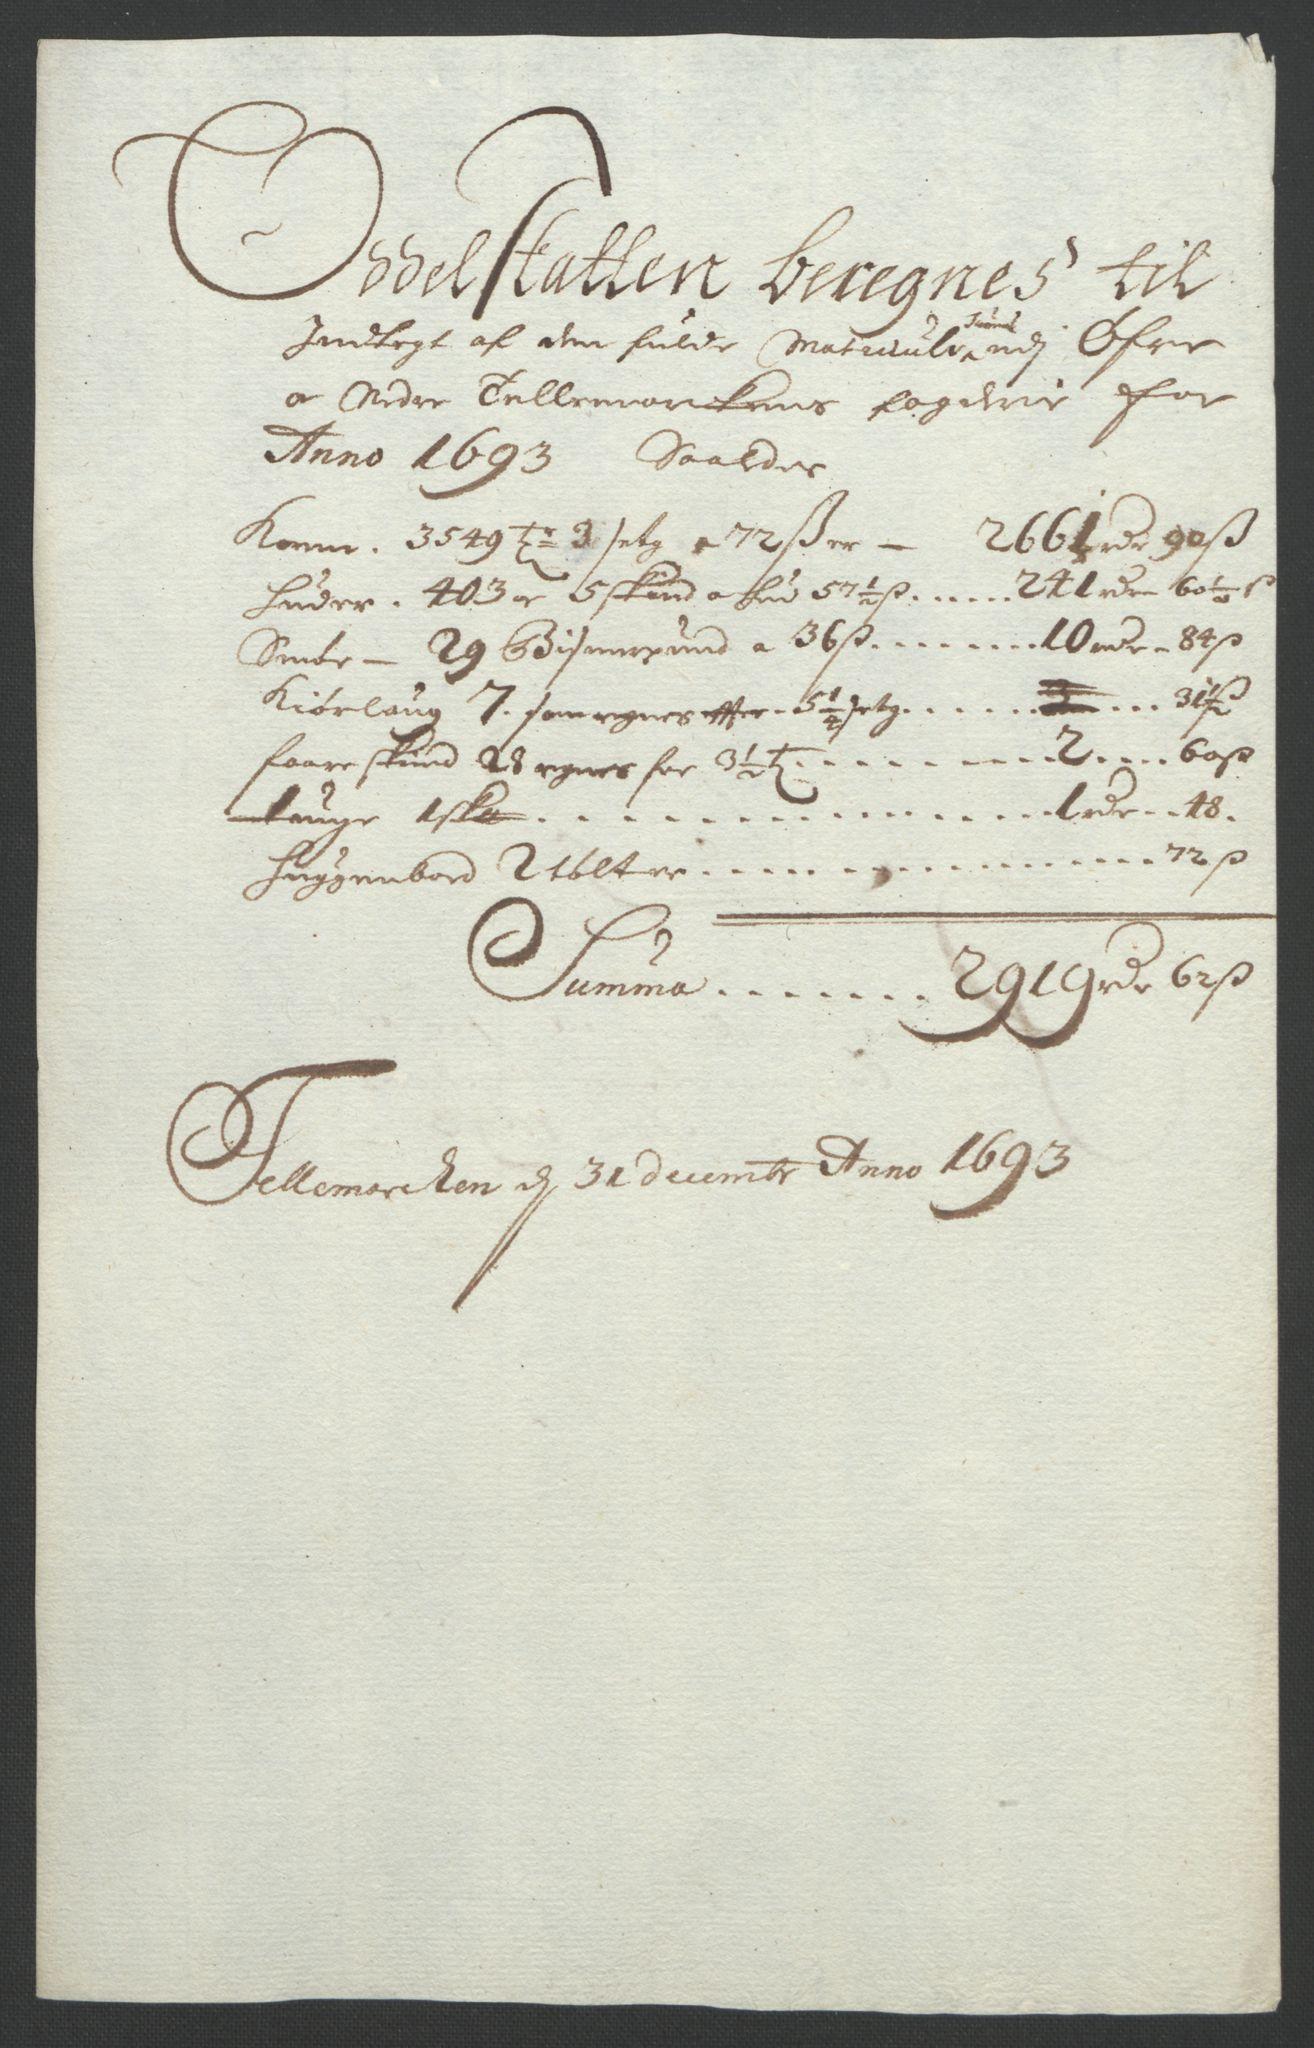 RA, Rentekammeret inntil 1814, Reviderte regnskaper, Fogderegnskap, R35/L2091: Fogderegnskap Øvre og Nedre Telemark, 1690-1693, s. 277